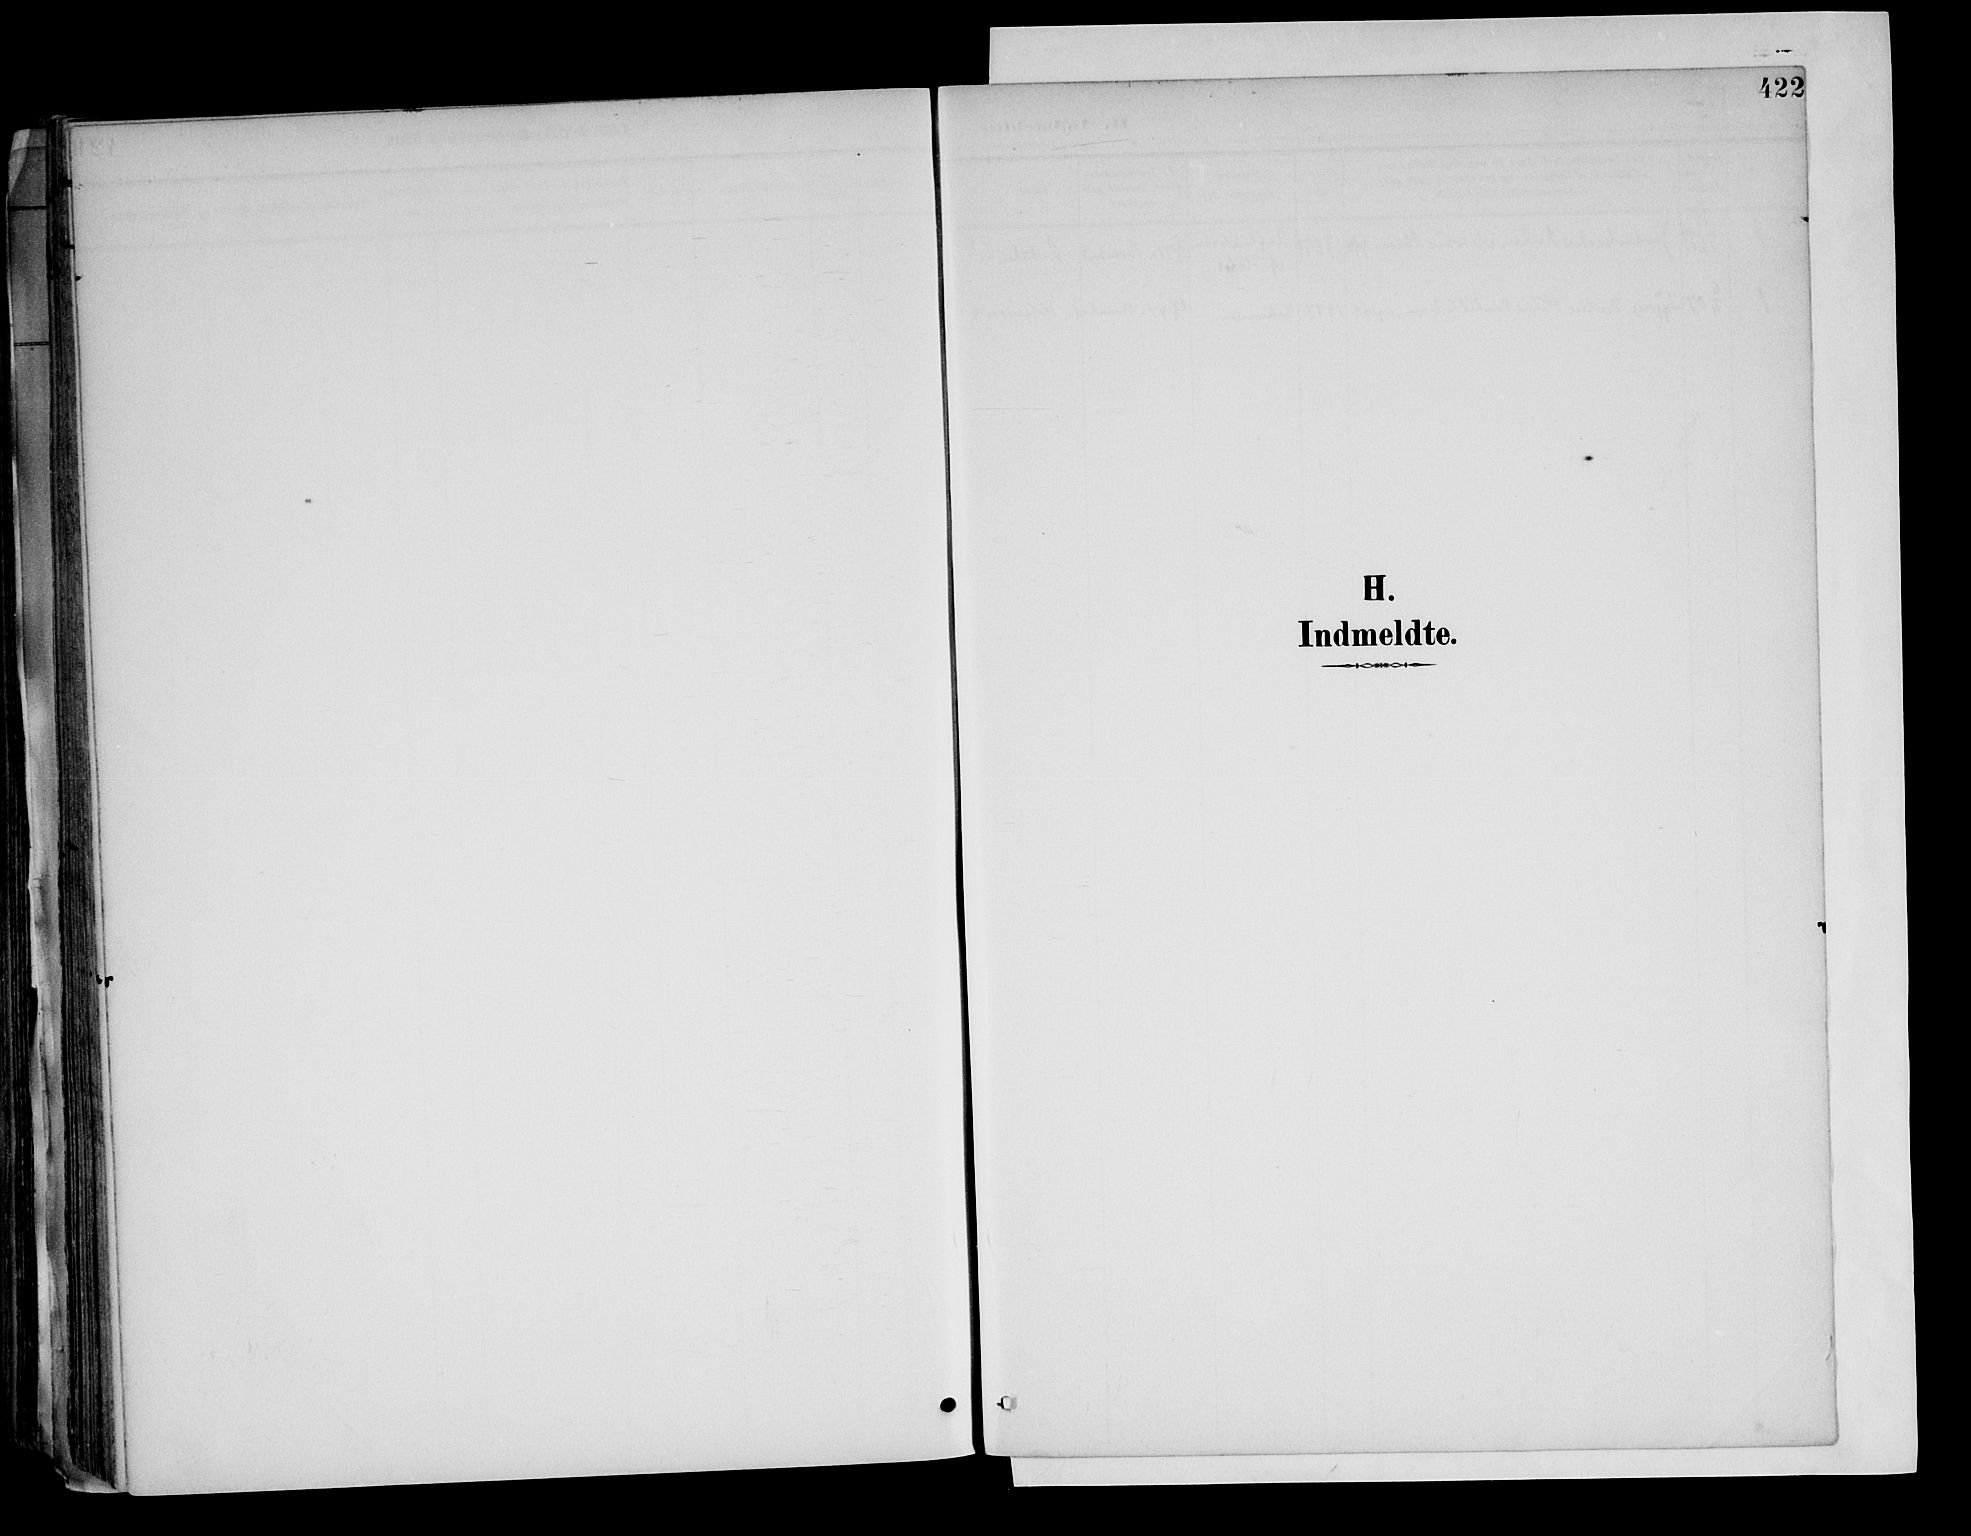 SAH, Brandval prestekontor, H/Ha/Haa/L0003: Ministerialbok nr. 3, 1894-1909, s. 422